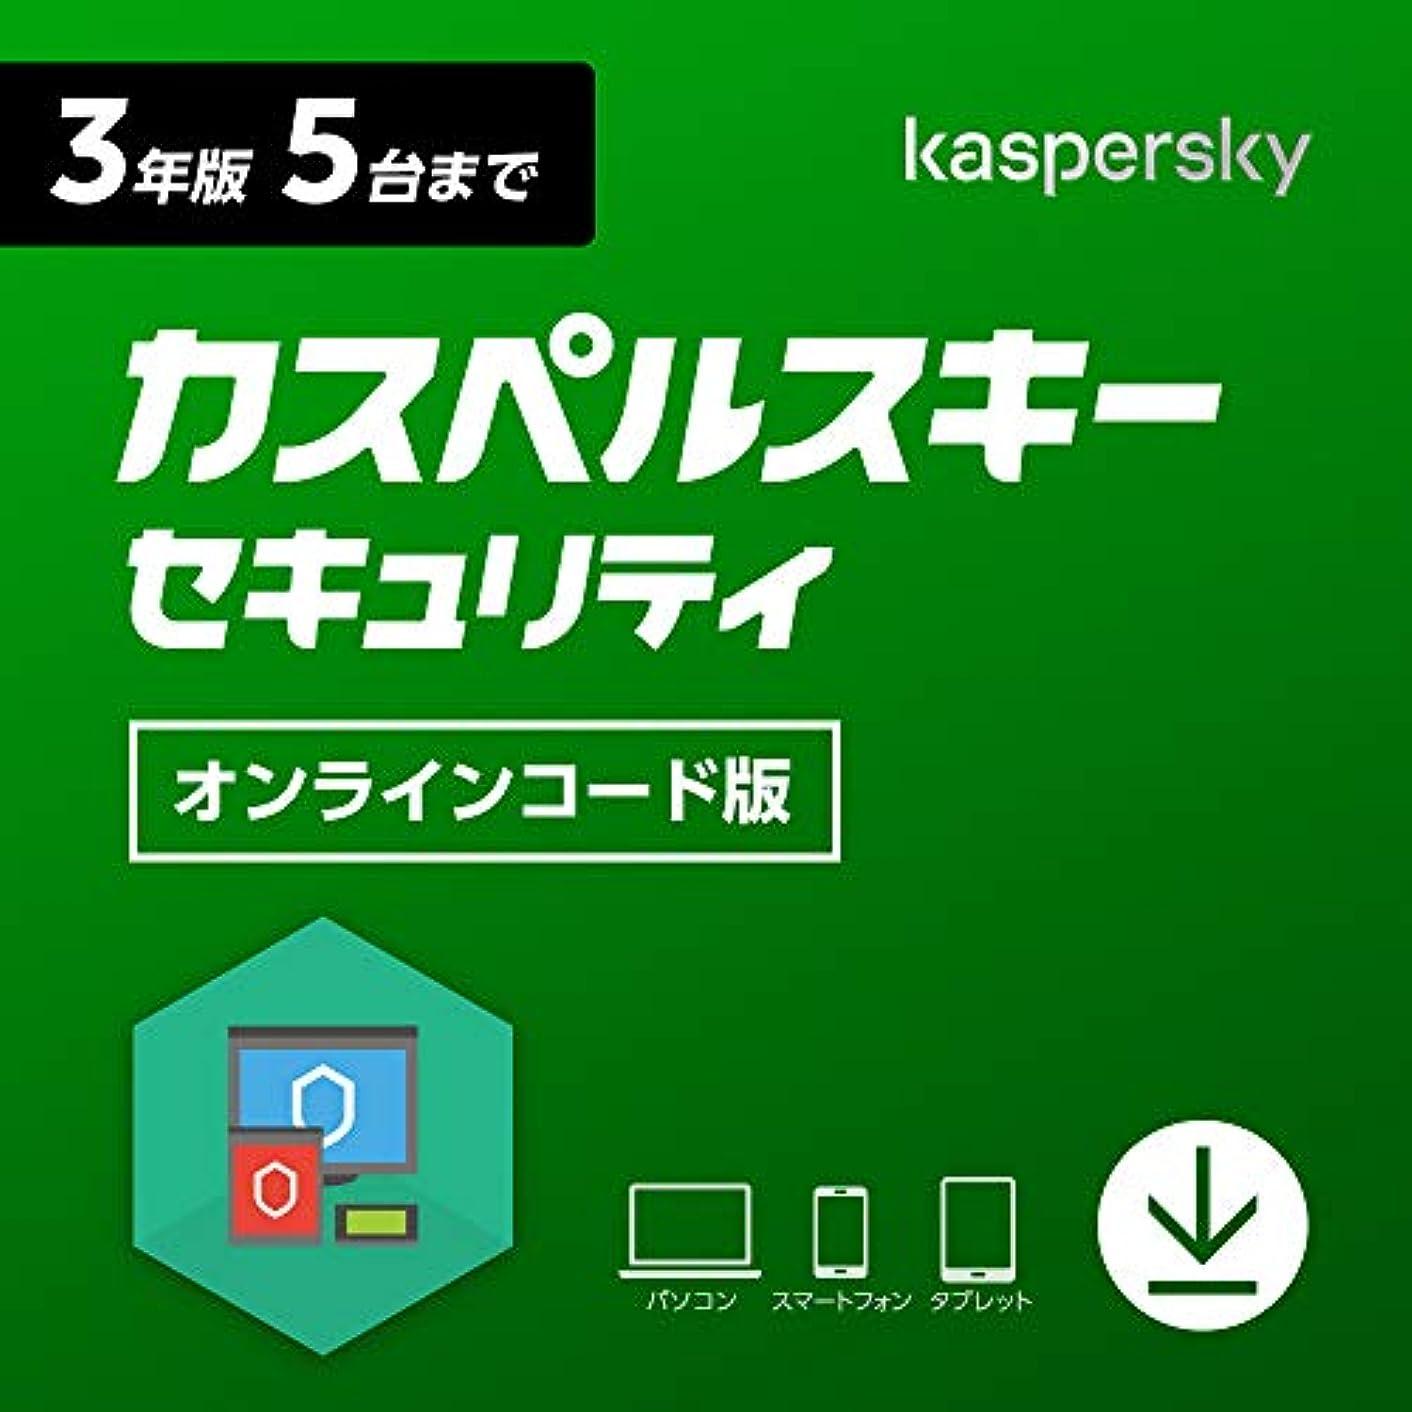 結晶代表団気を散らすカスペルスキー セキュリティ (最新版) | 3年 5台版 | オンラインコード版 | Windows/Mac/Android対応